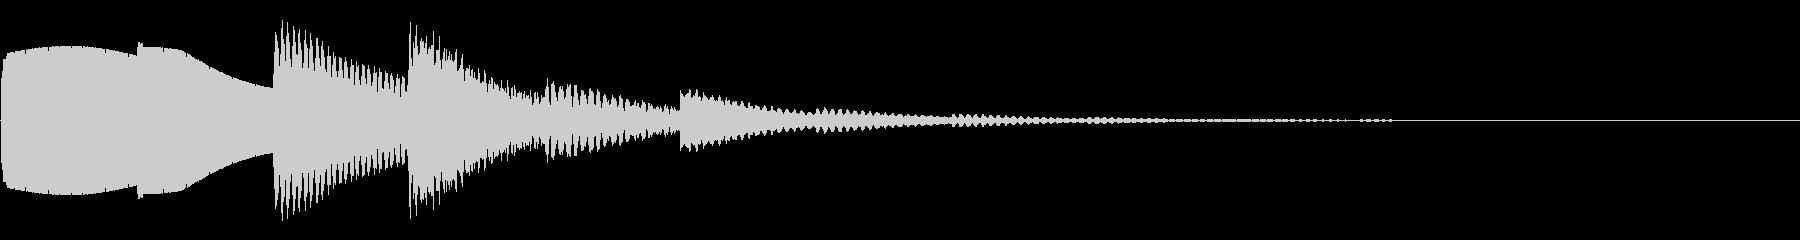 ベルの優しい音、ロゴ、ゲーム、回復の未再生の波形